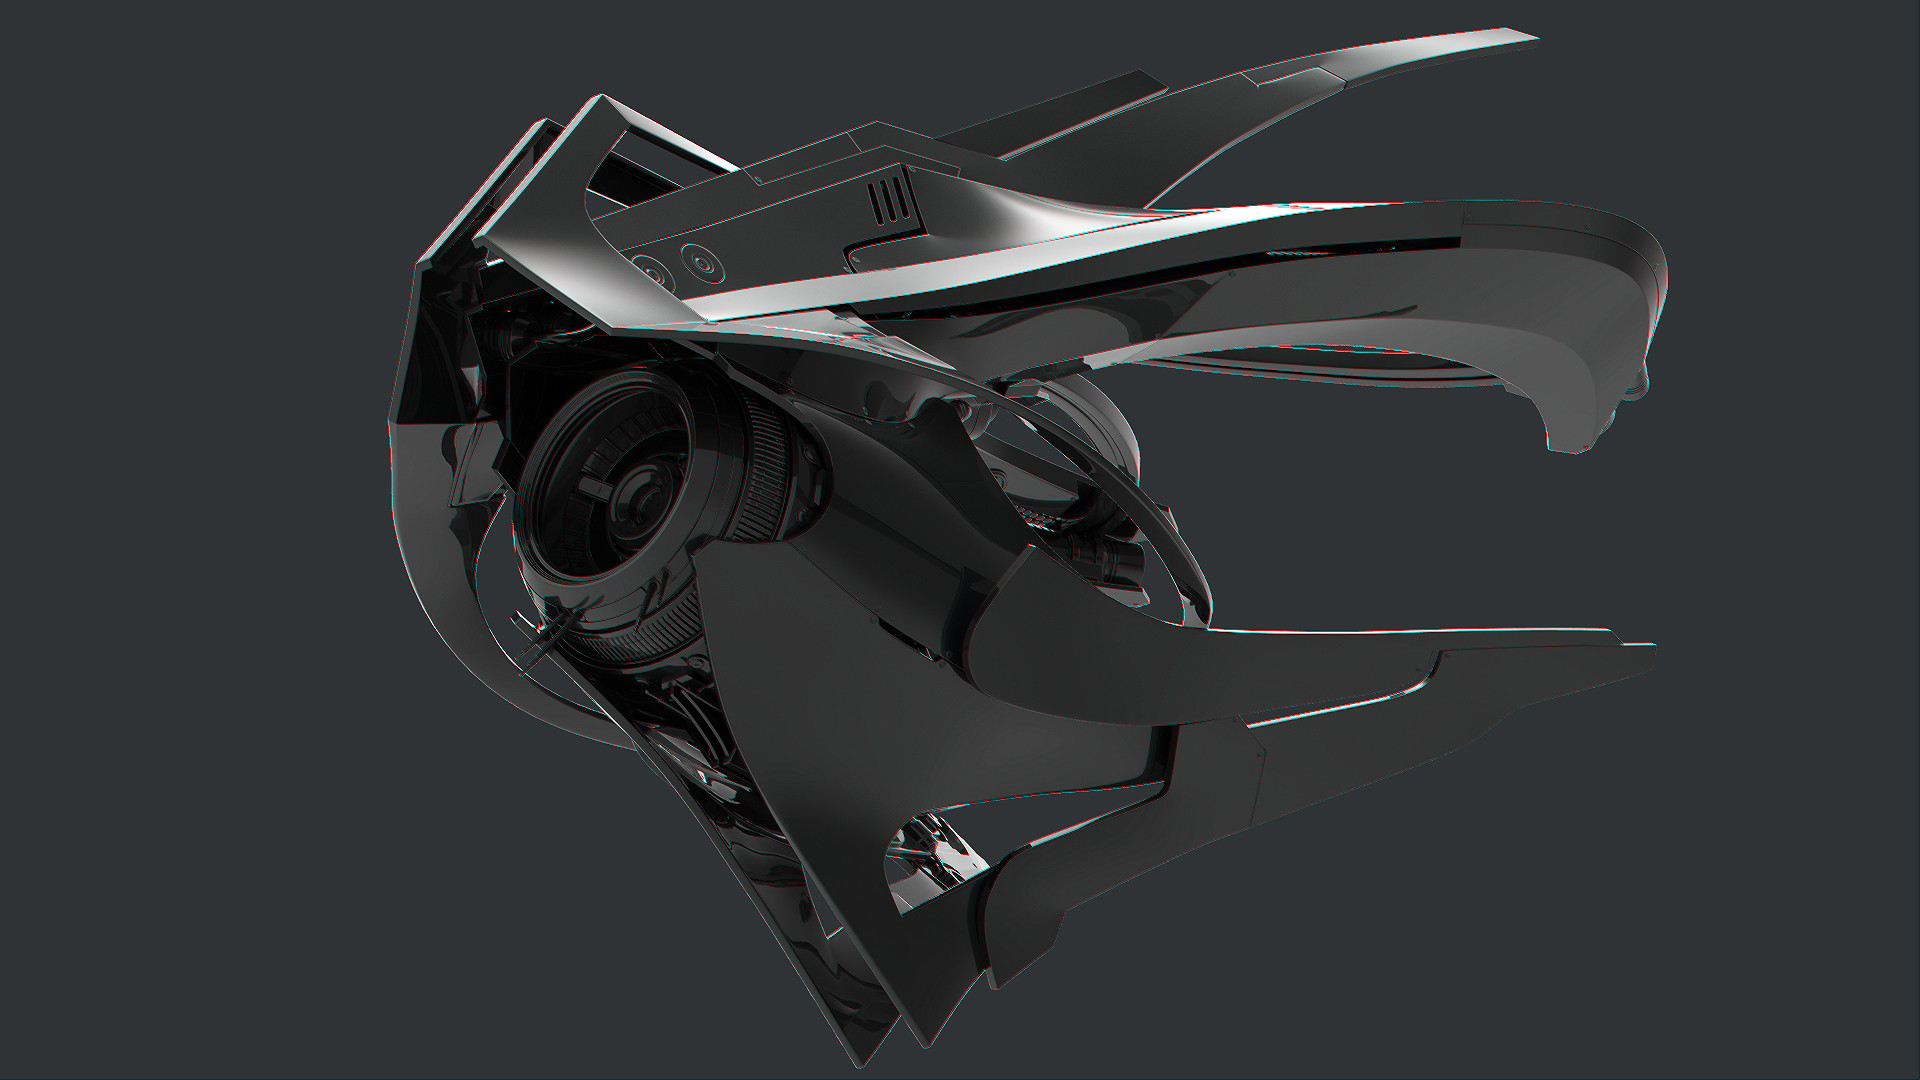 Andrew hodgson drone4 5